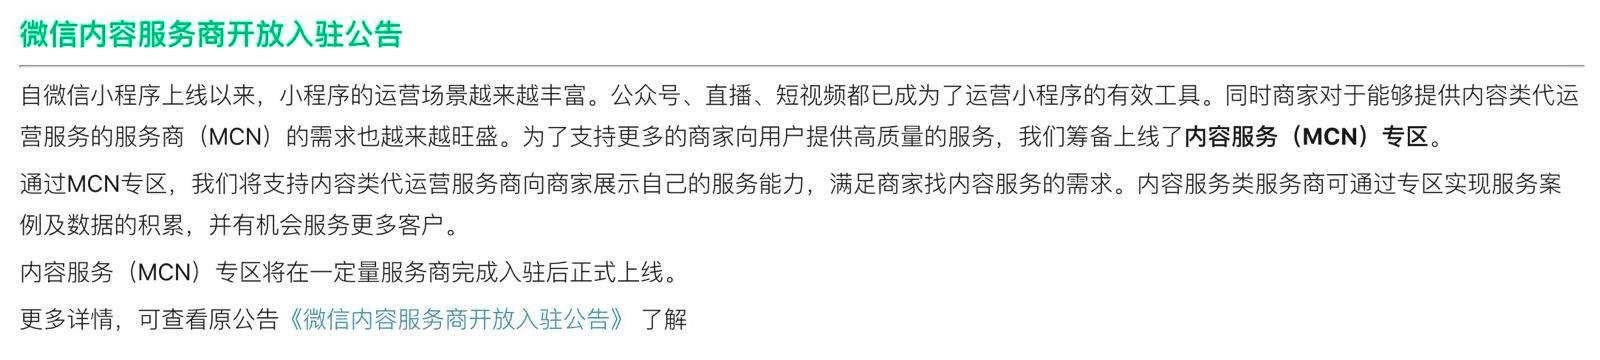 陈桥辉:微信开放MCN入驻,商业化布局再落一子